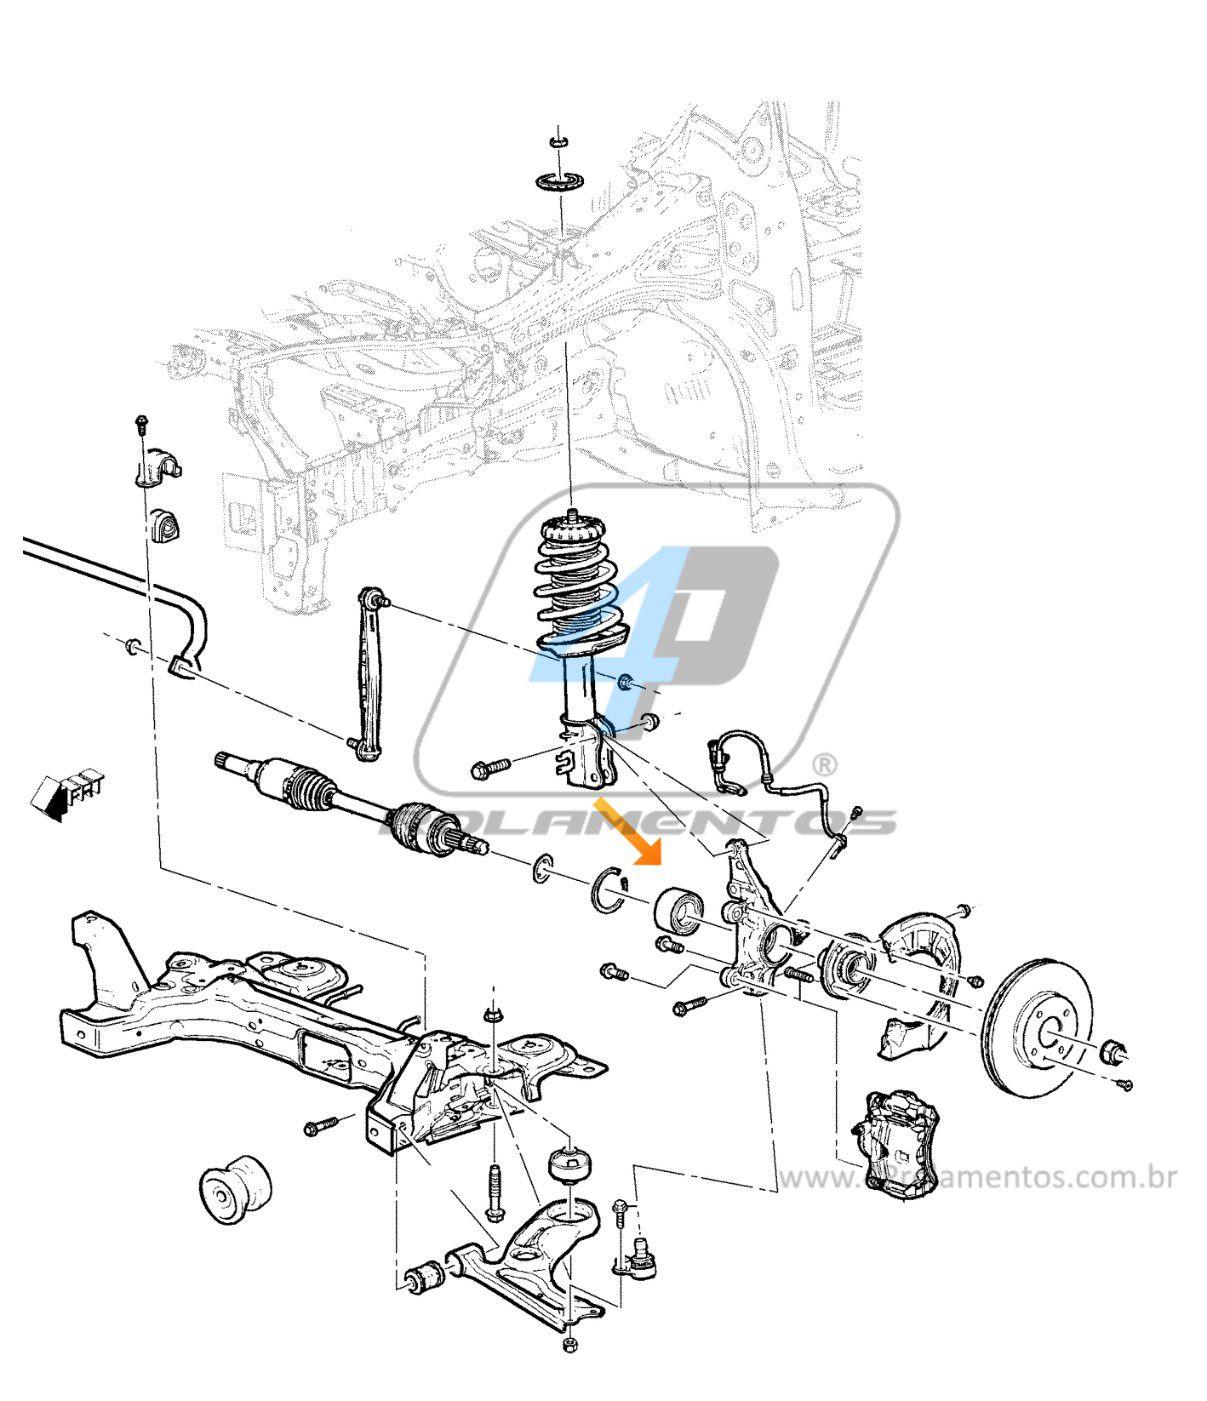 Rolamento de Roda Dianteira CHEVROLET Sonic 2012 até 2015